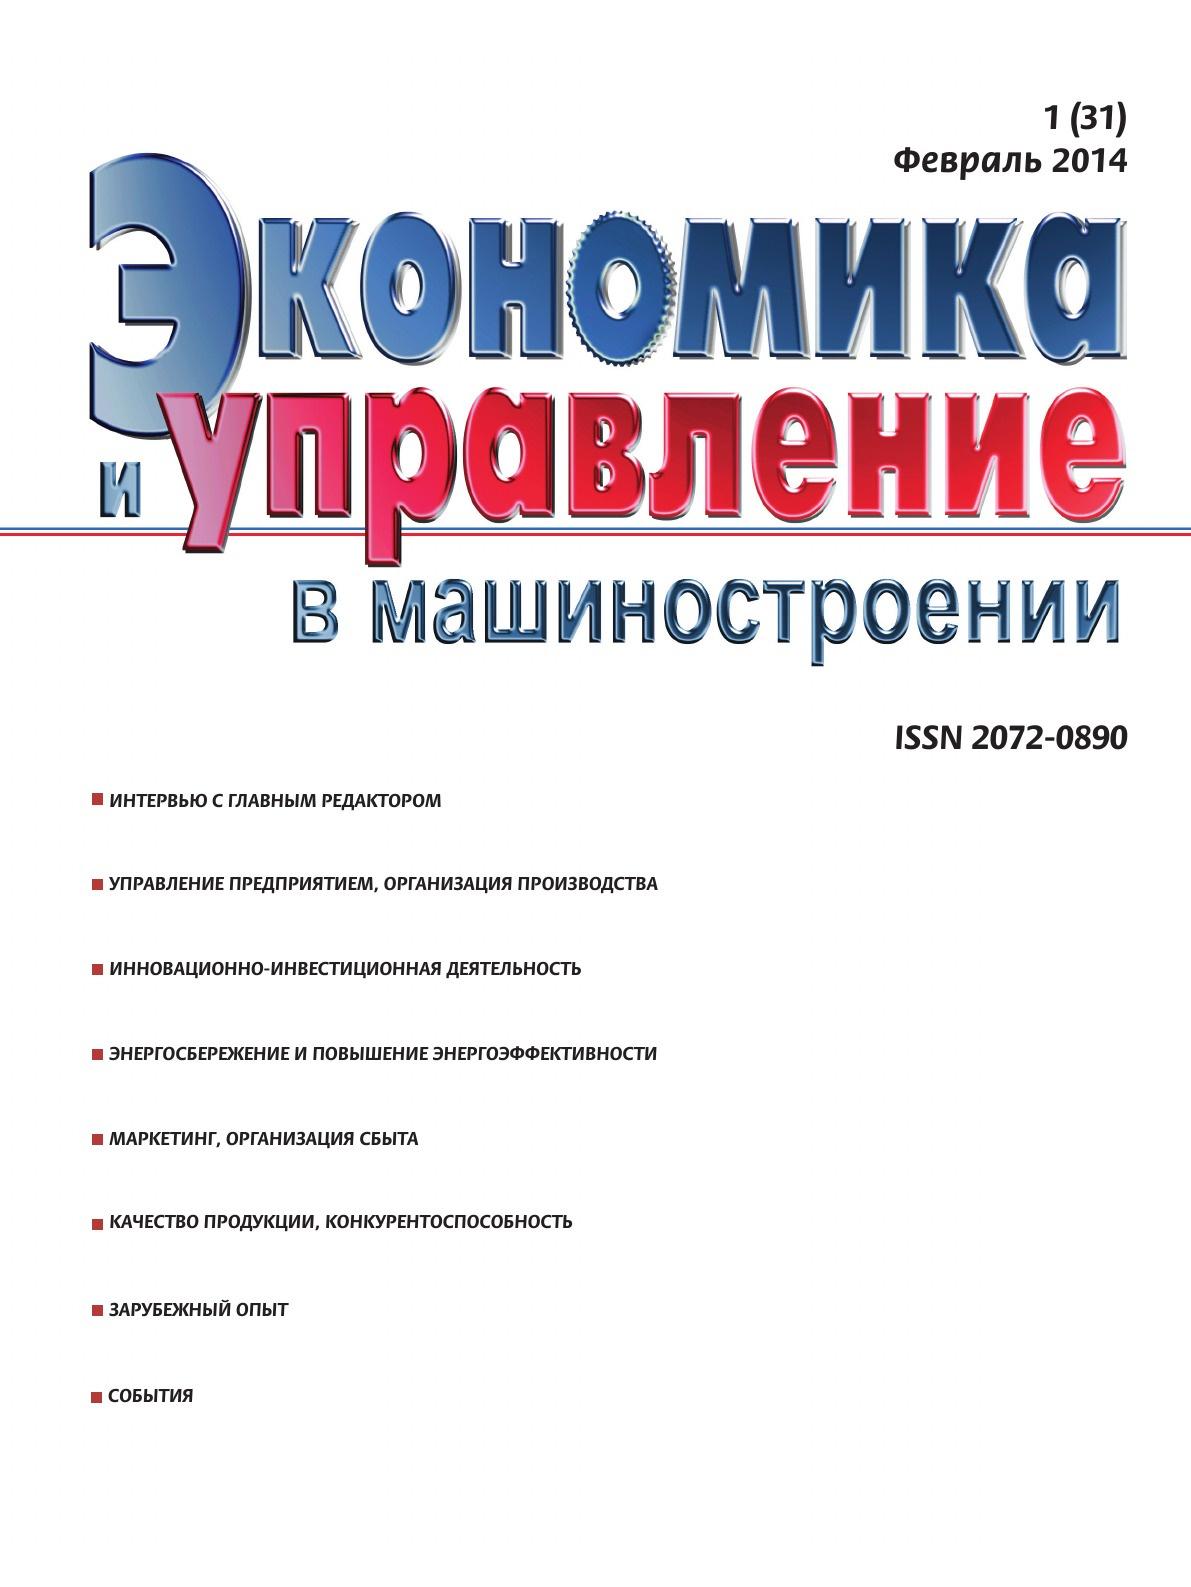 Экономика и управление в машиностроении сборник экономика и управление в машиностроении 6 декабрь 2014